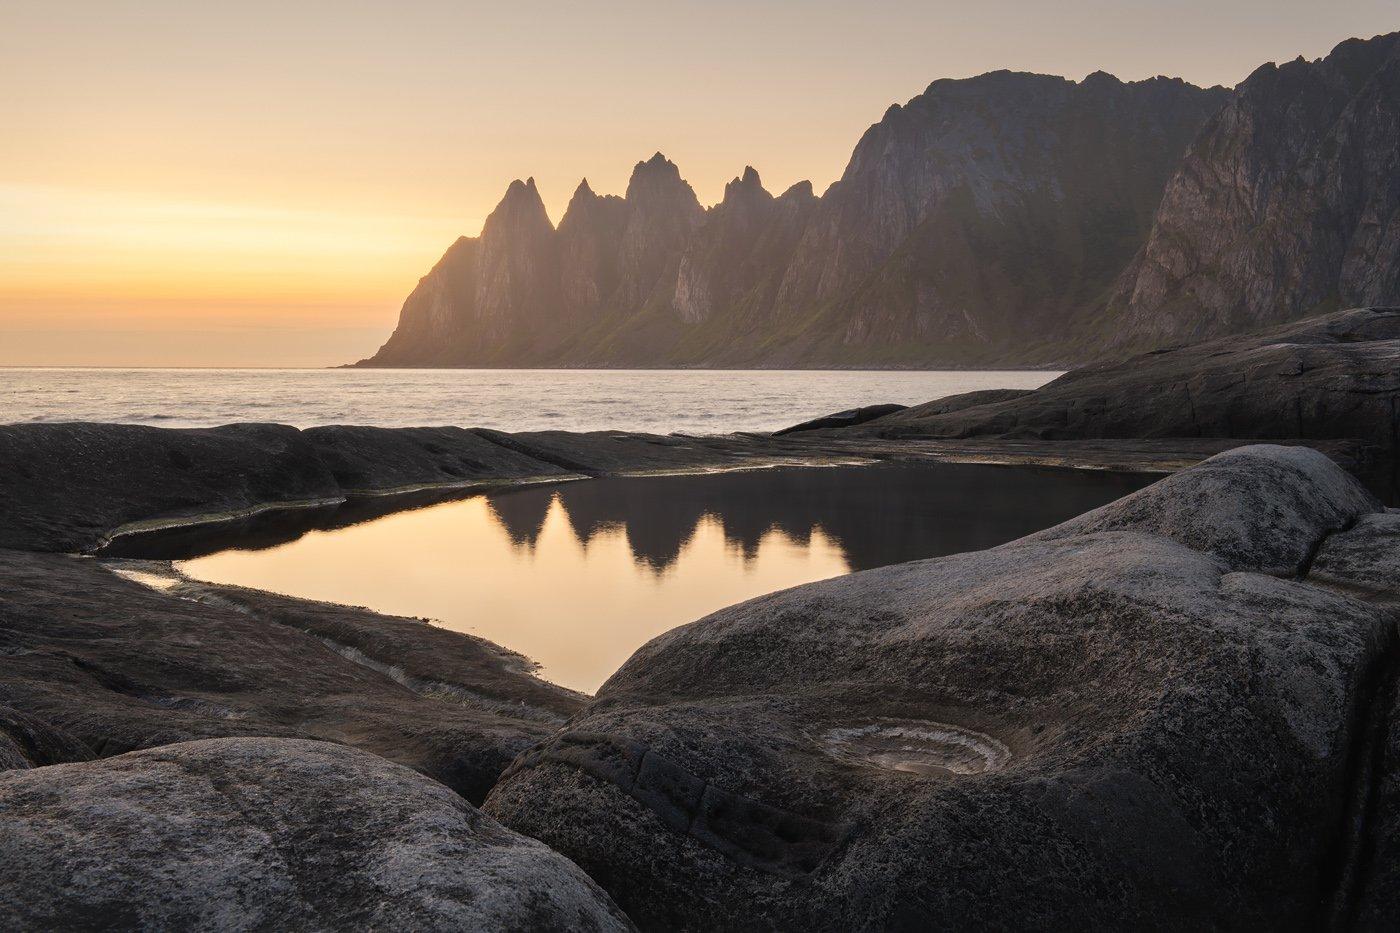 Норвегия, Сенья, зубы дракона, приливные ванны, Скандинавские горы, Арсений Кашкаров